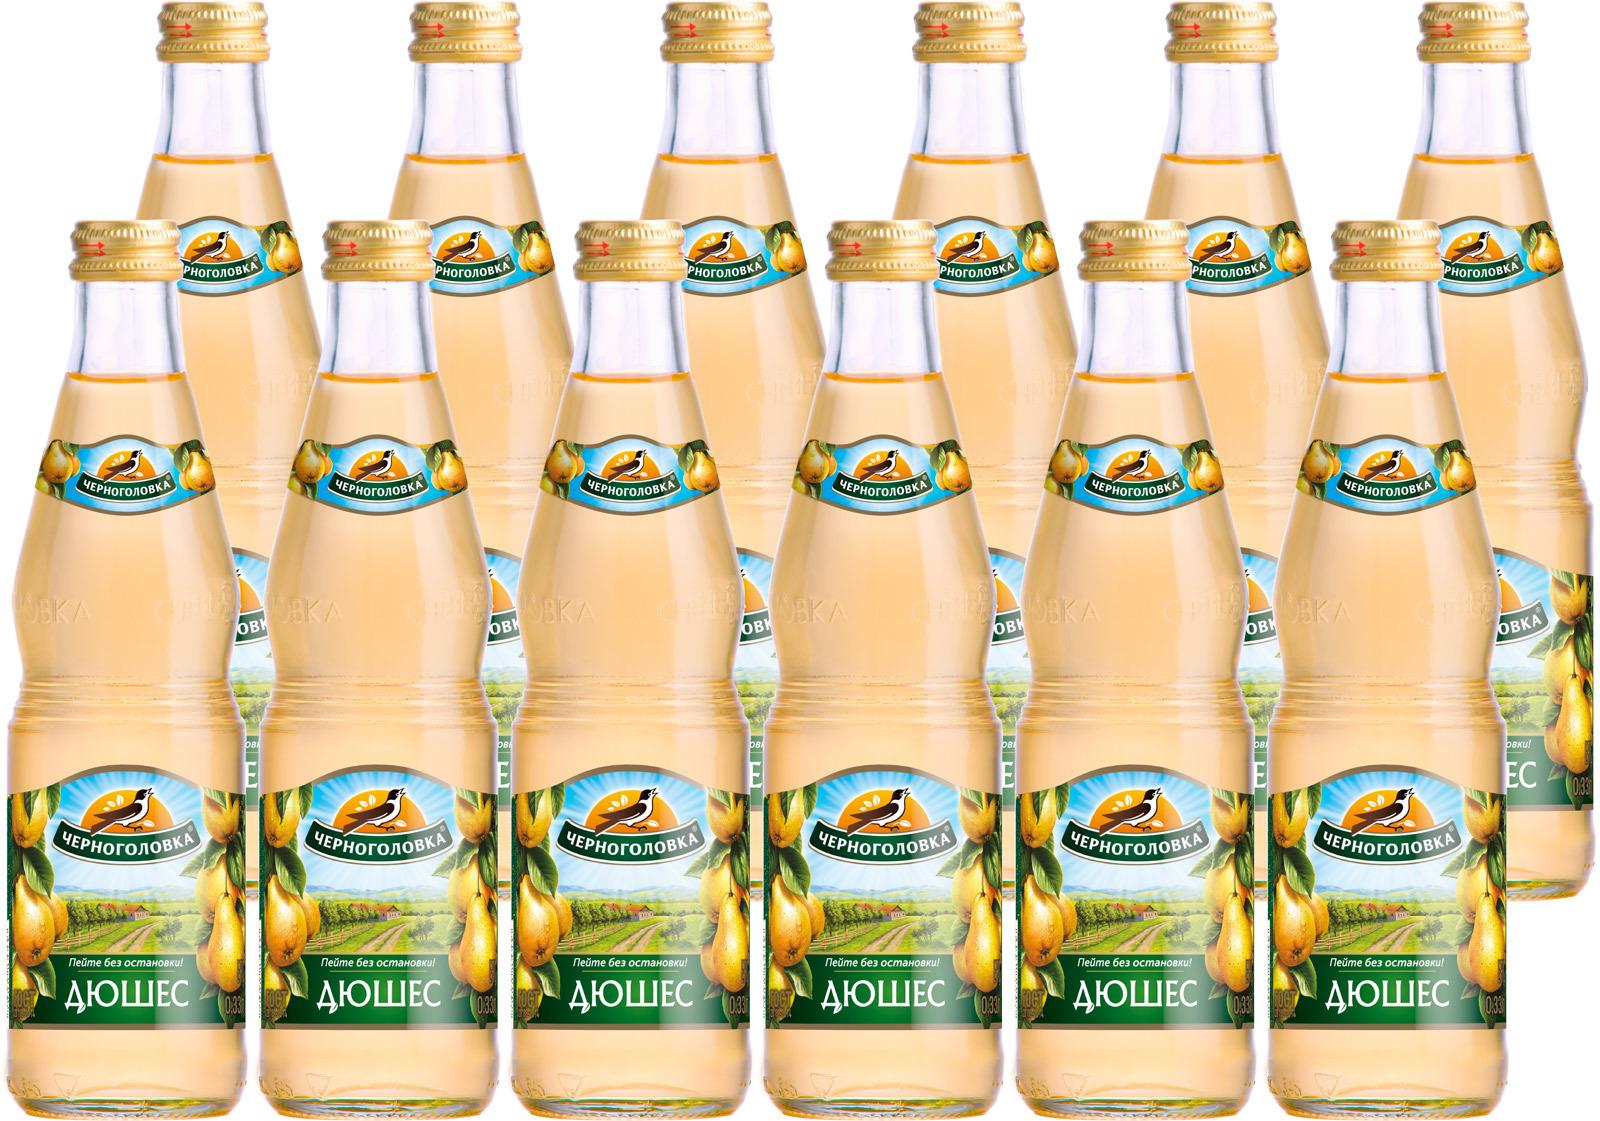 Лимонад Напитки из Черноголовки Дюшес, 12 шт по 330 мл лимонад напитки из черноголовки дюшес 6 шт по 1 5 л